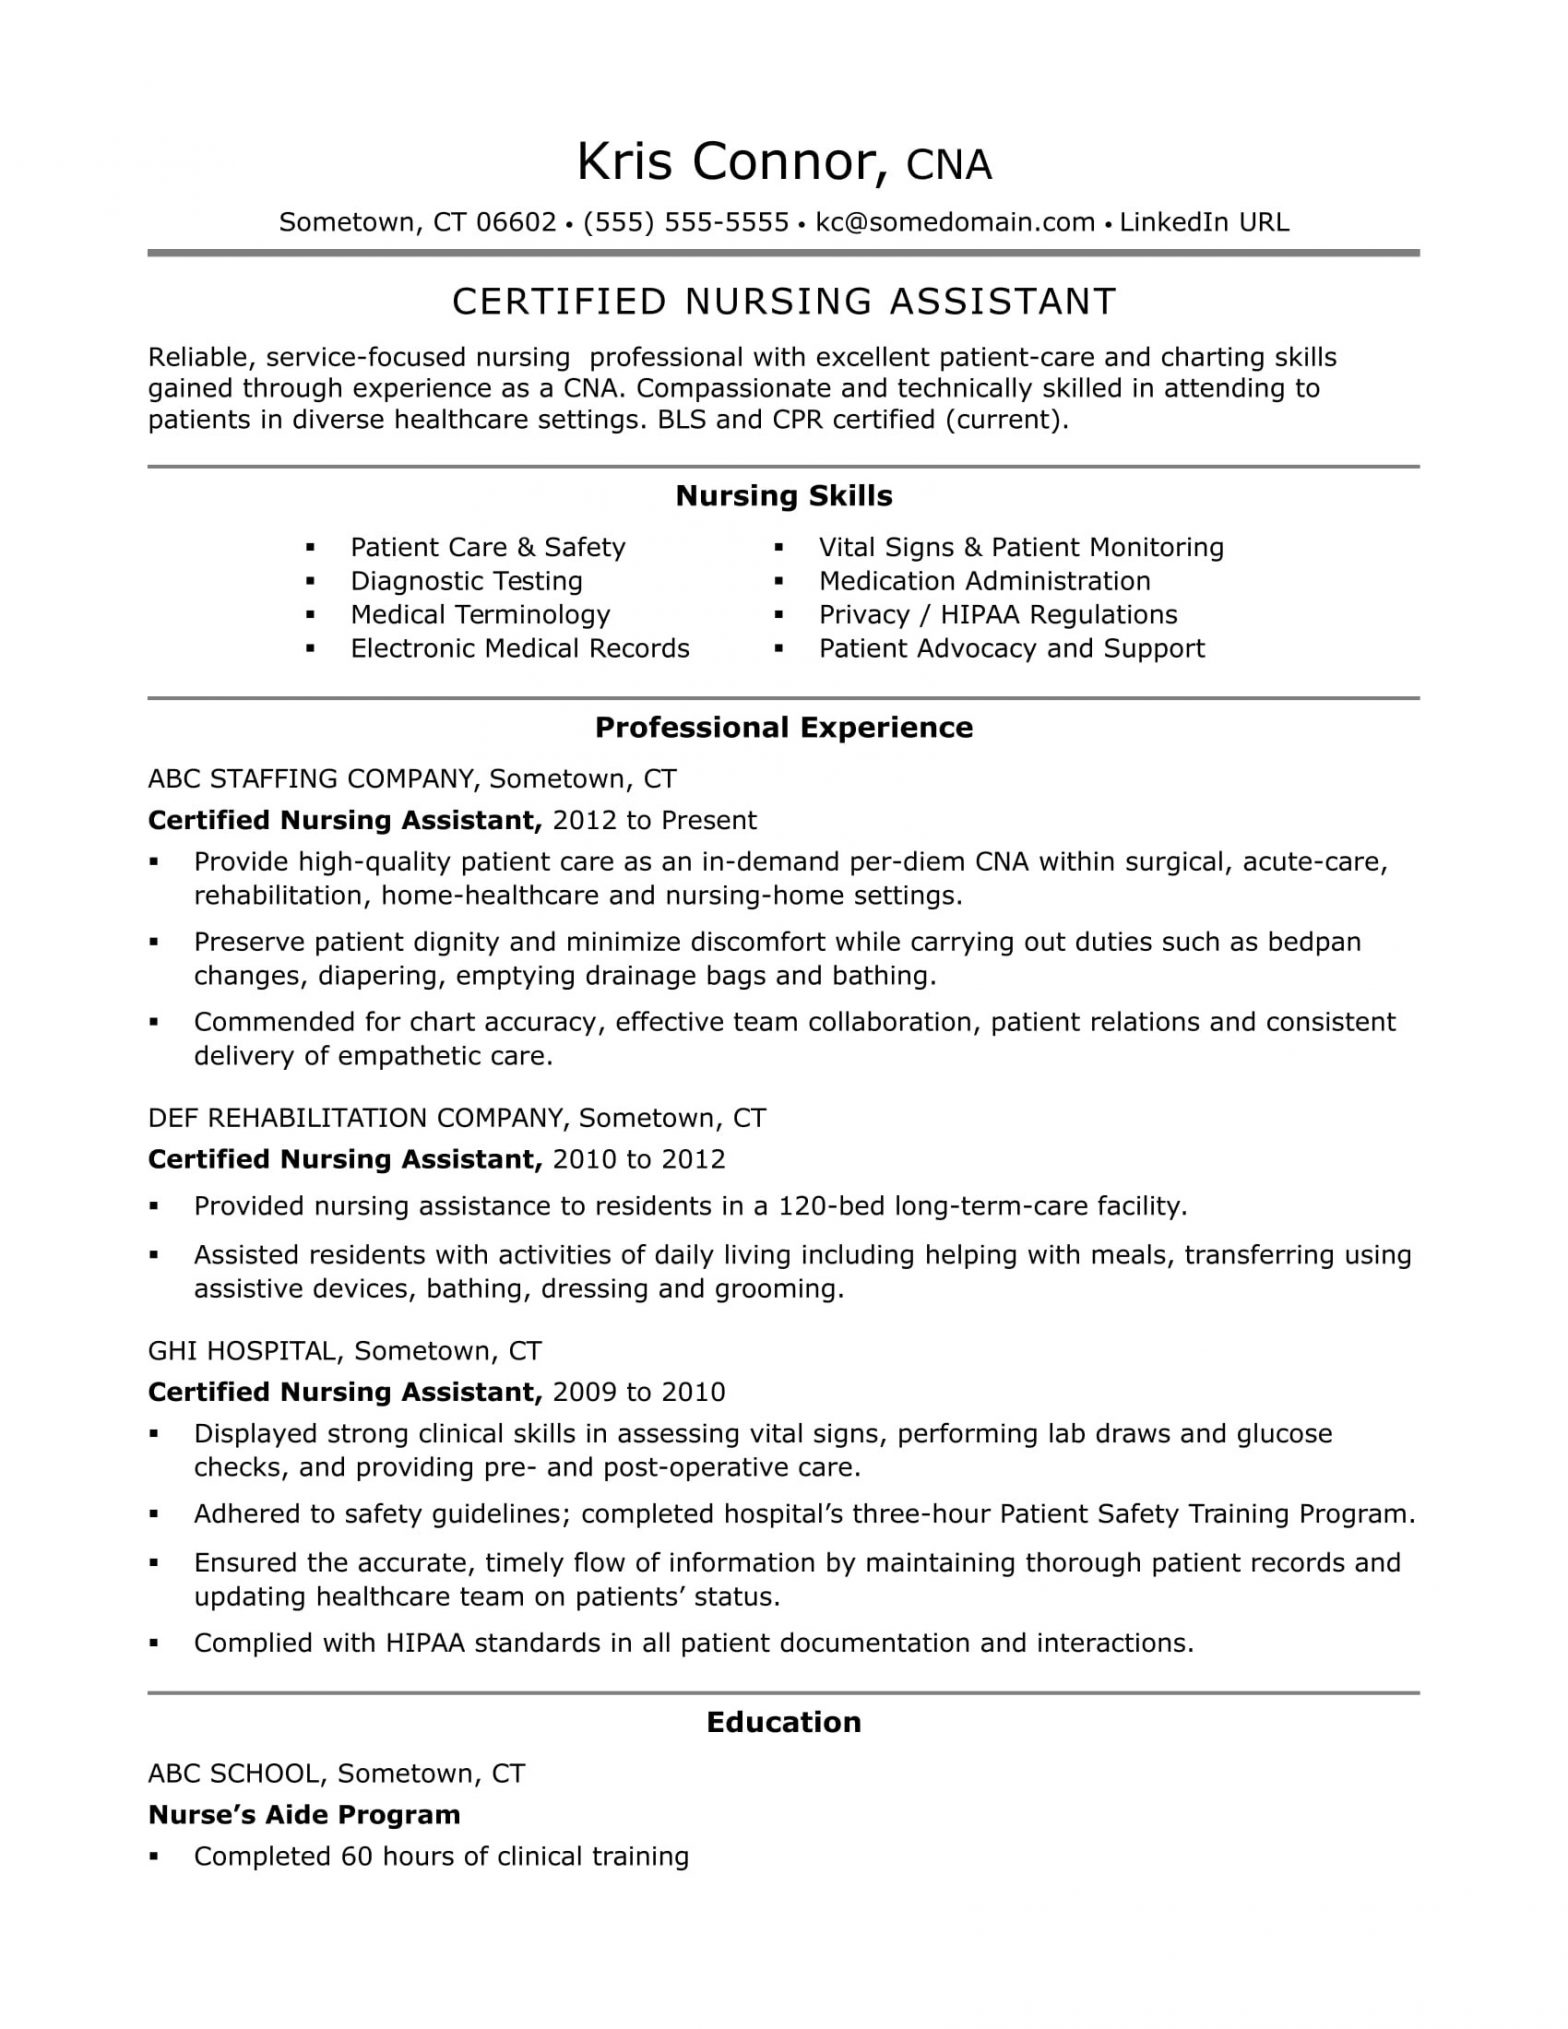 Cna Resume Sample for New Cna Applicant Cna Resume Examples: Skills for Cnas Monster.com